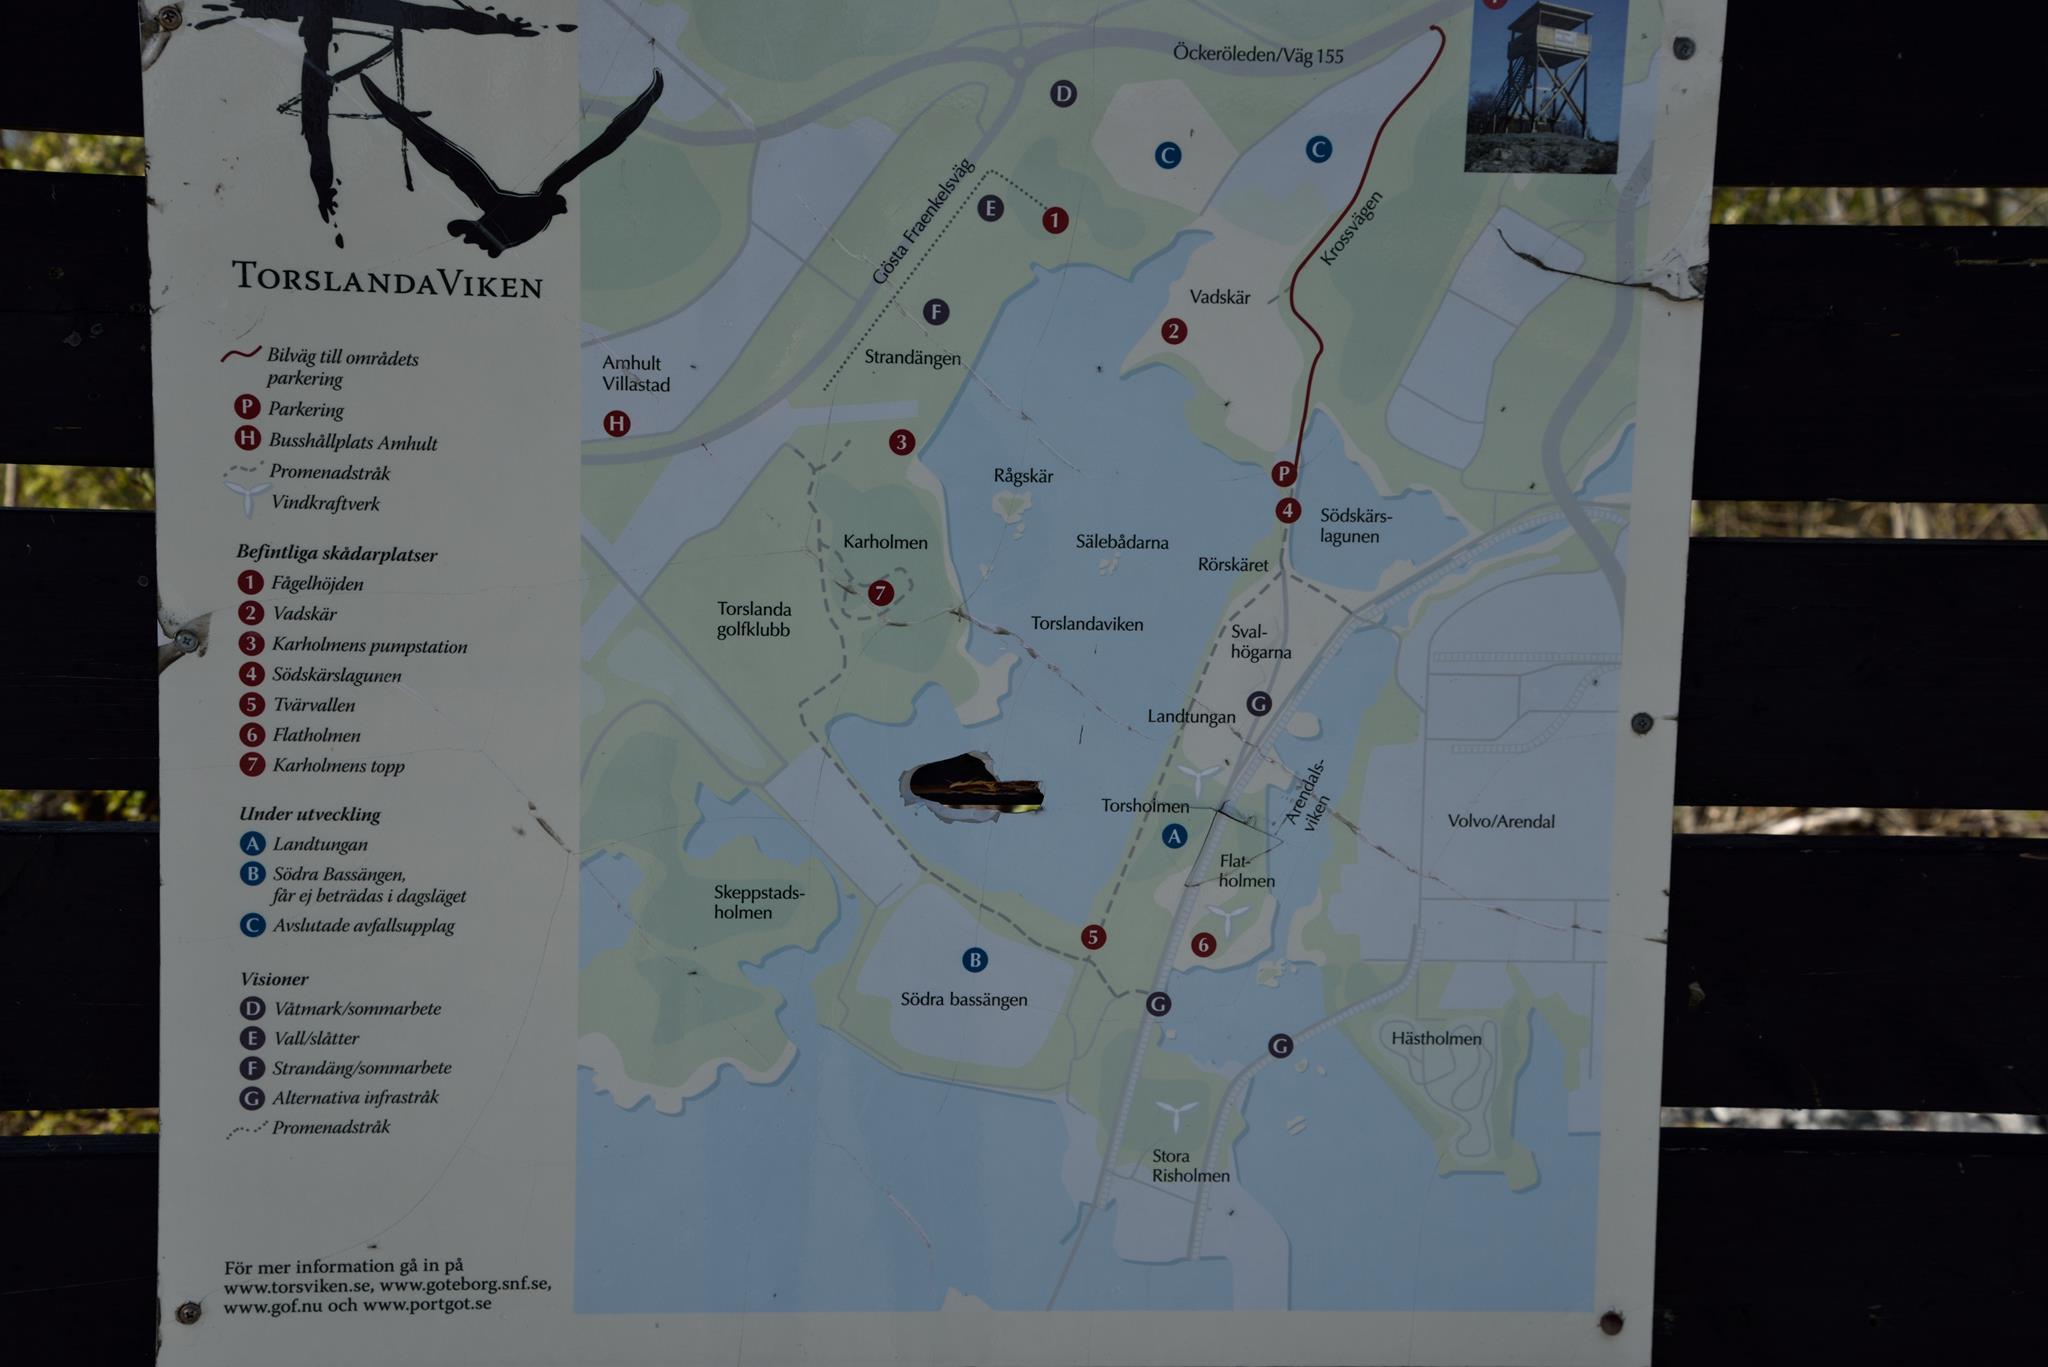 Karta - Översikt över Torslandaviken